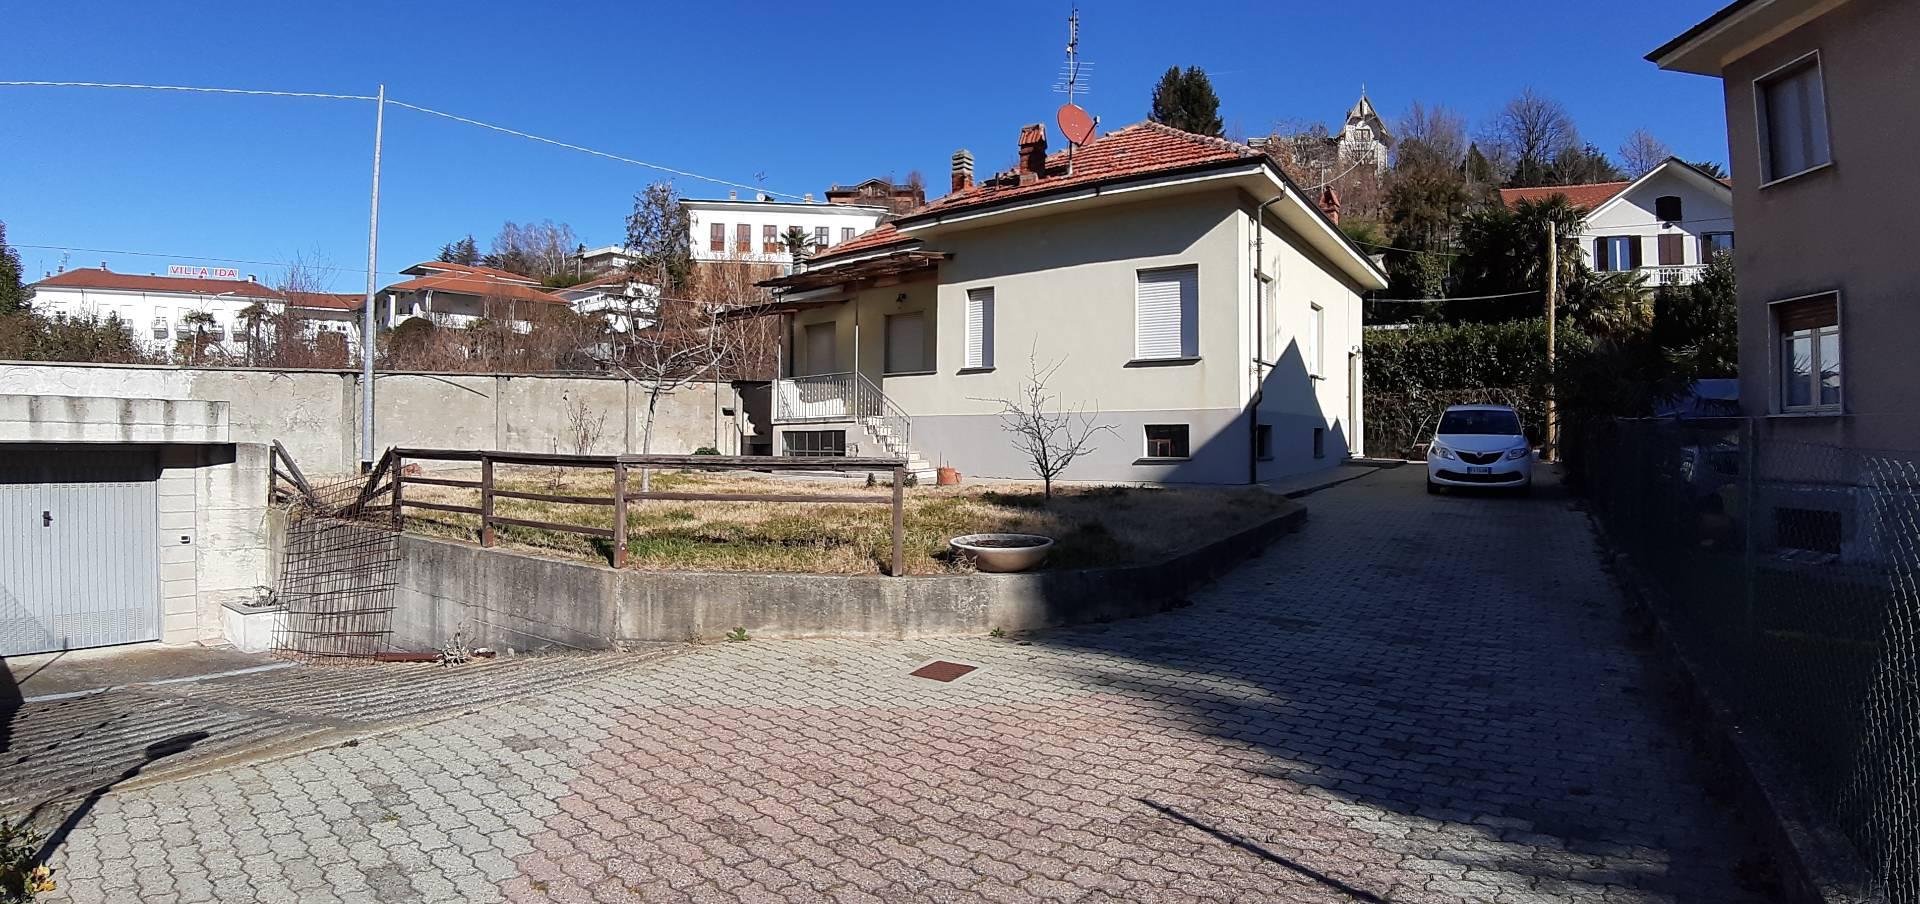 Villa in vendita a Lanzo Torinese, 7 locali, zona Località: Semicentrale, prezzo € 178.000   PortaleAgenzieImmobiliari.it